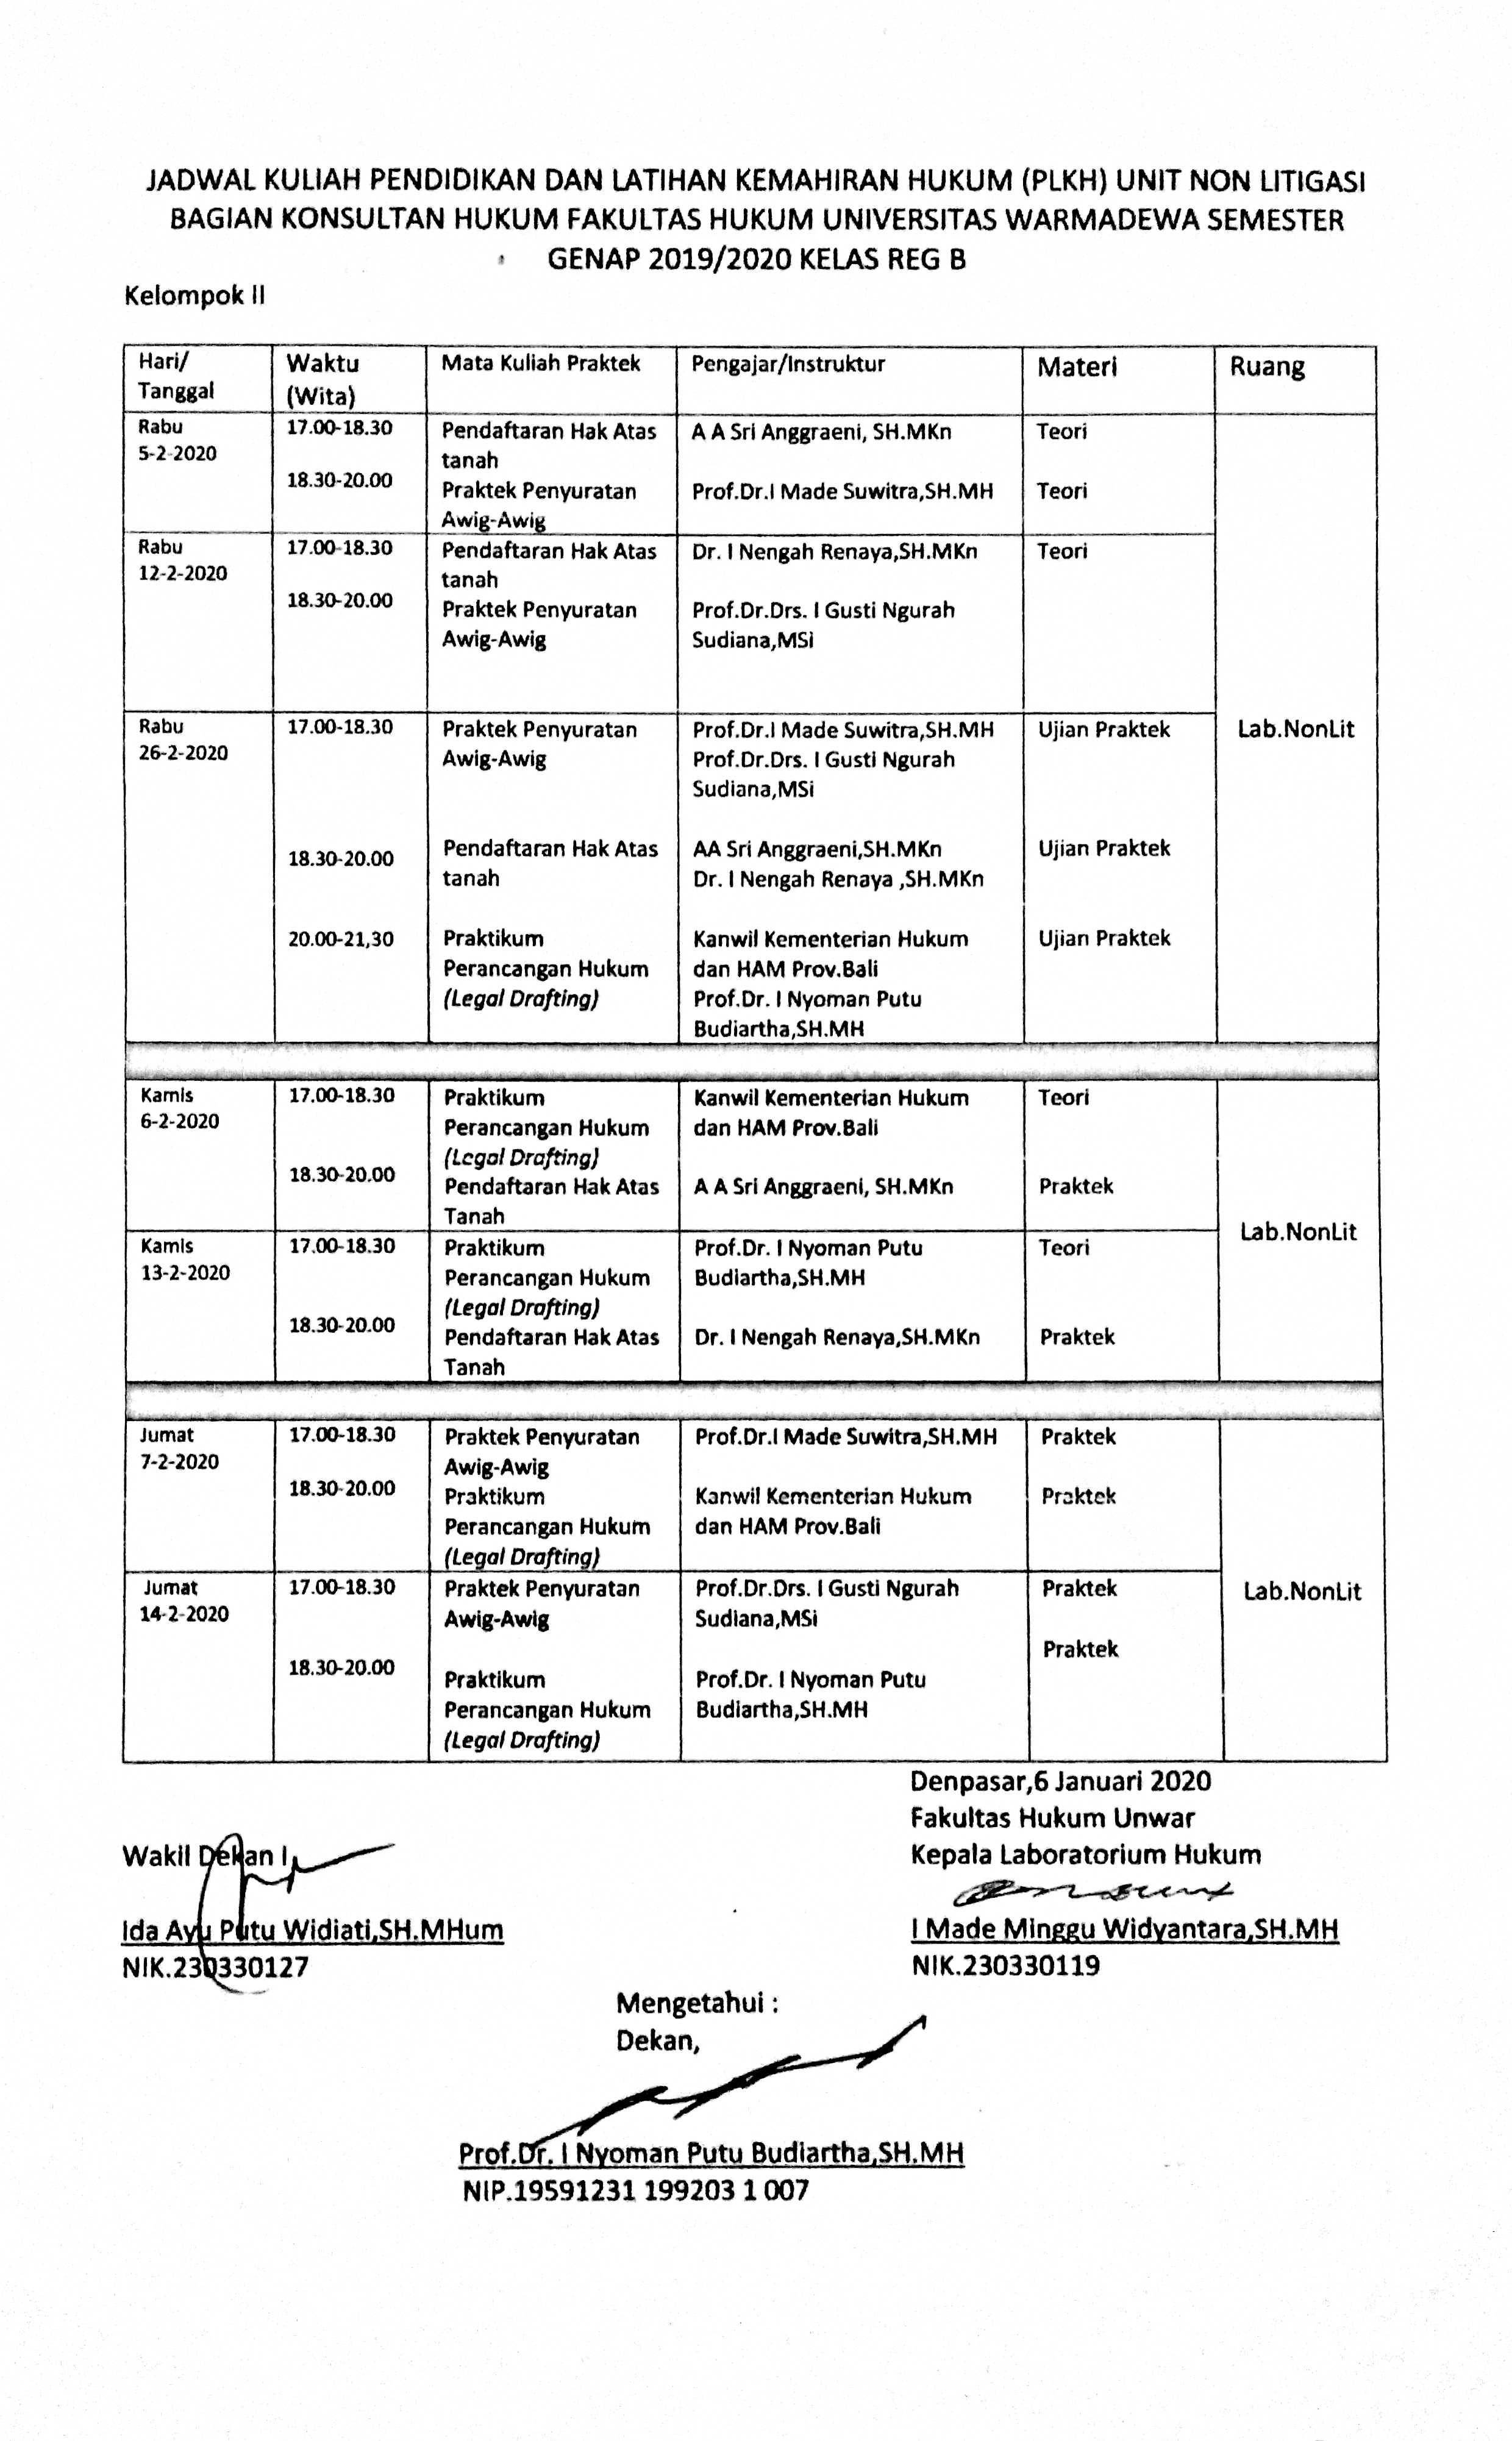 Jadwal Kuliah Pendidikan dan Kemahiran Hukum (PLKH) Unit Non Litigasi Bagian Konsultan Hukum Fakultas Hukum Universitas Warmadewa Semester Genap 2019/2020 Kelas Reguler B